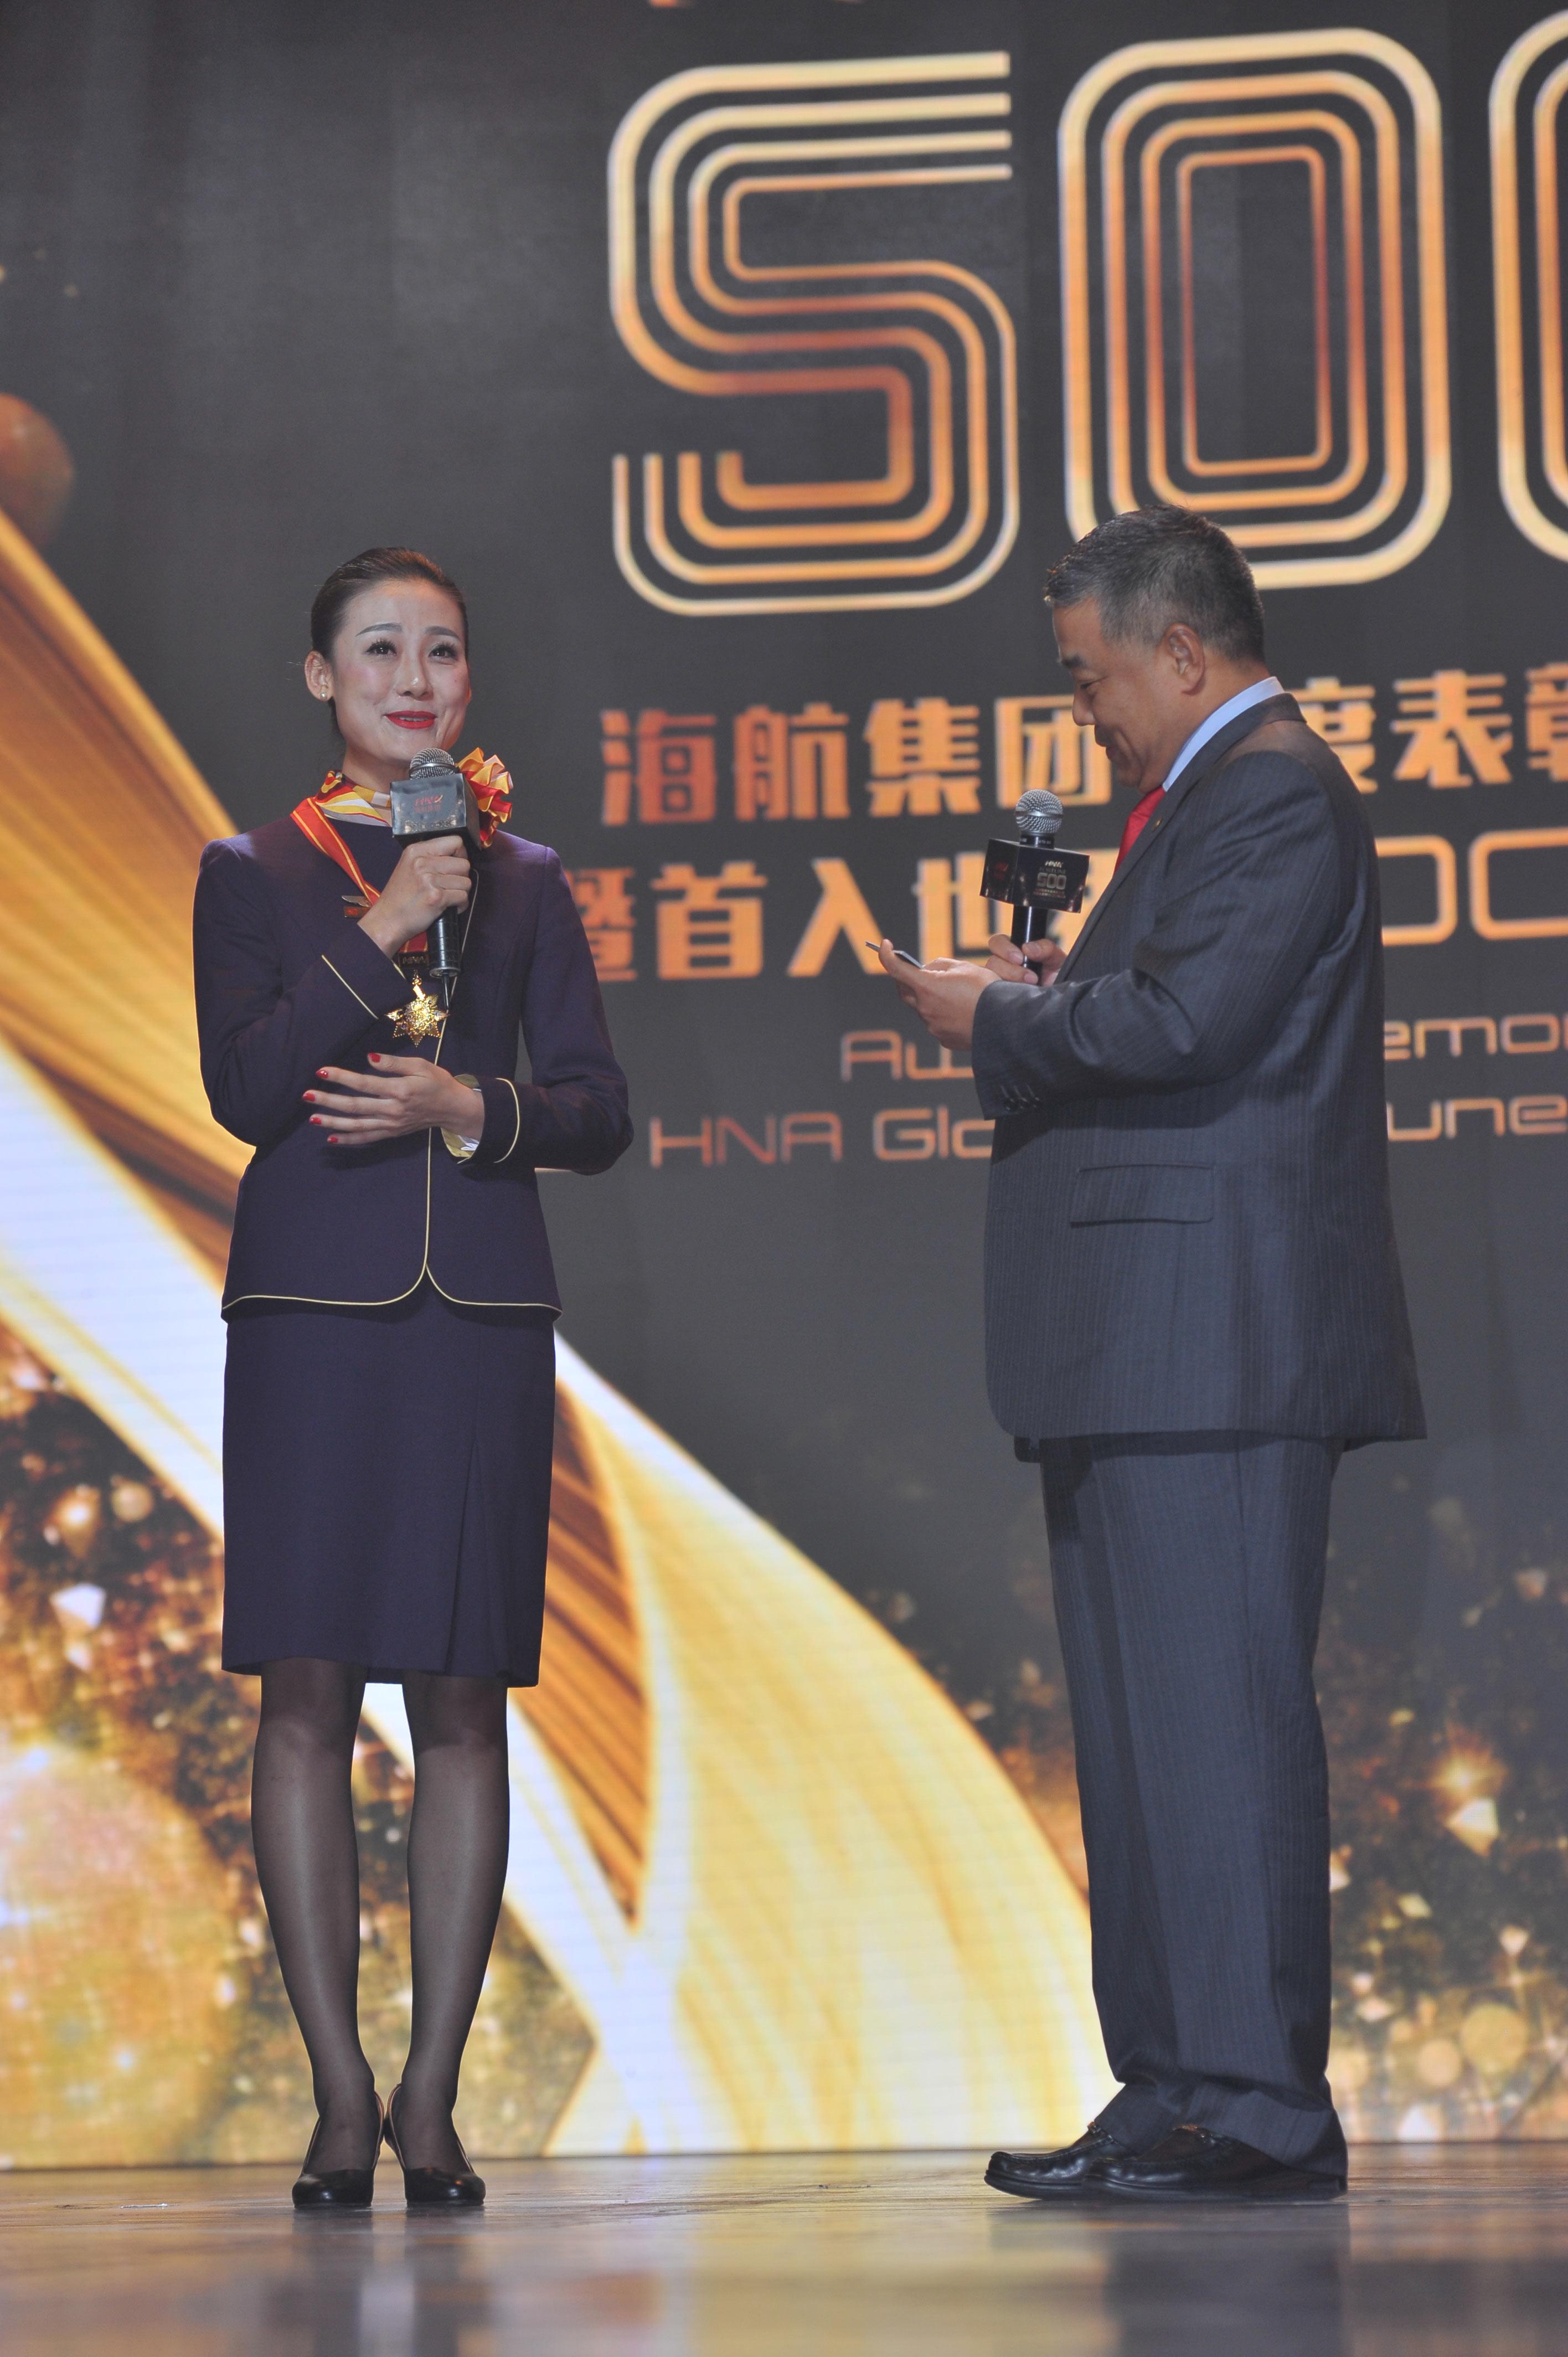 附图4:颁奖现场感人空姐樊雪松